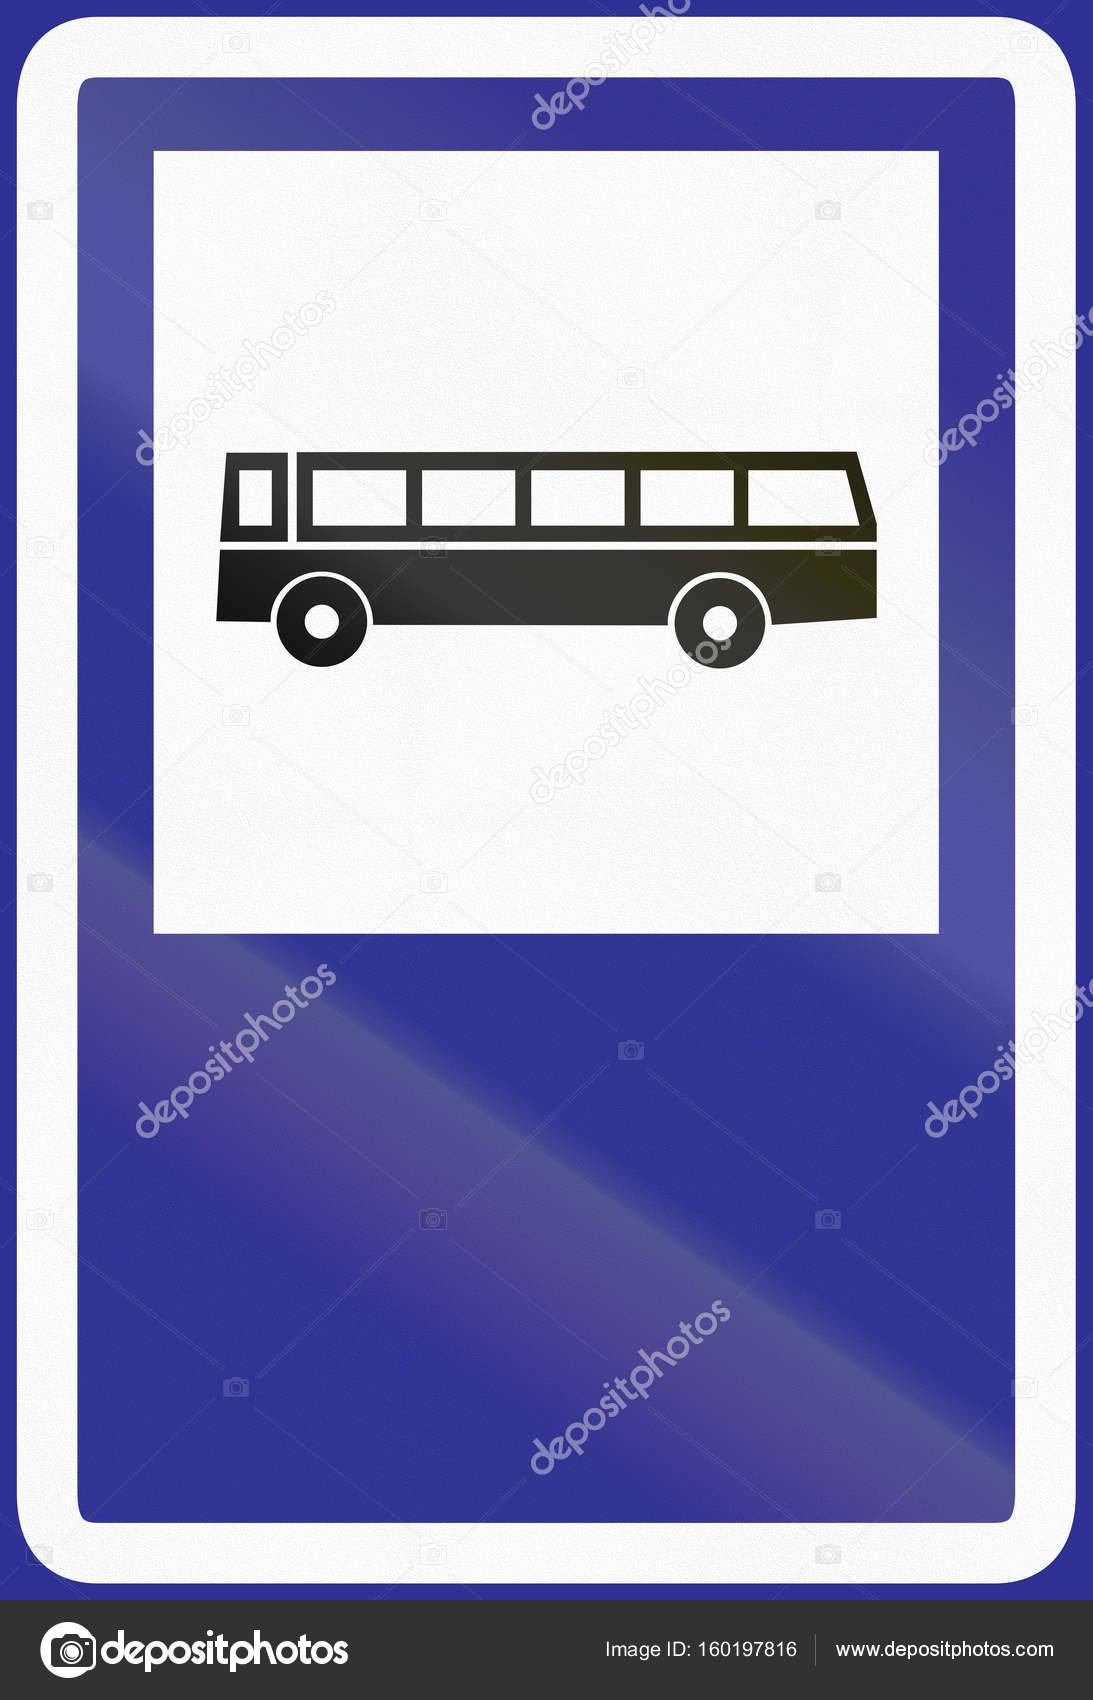 panneau de signalisation utilis en argentine arr t de bus photographie jojoo64 160197816. Black Bedroom Furniture Sets. Home Design Ideas